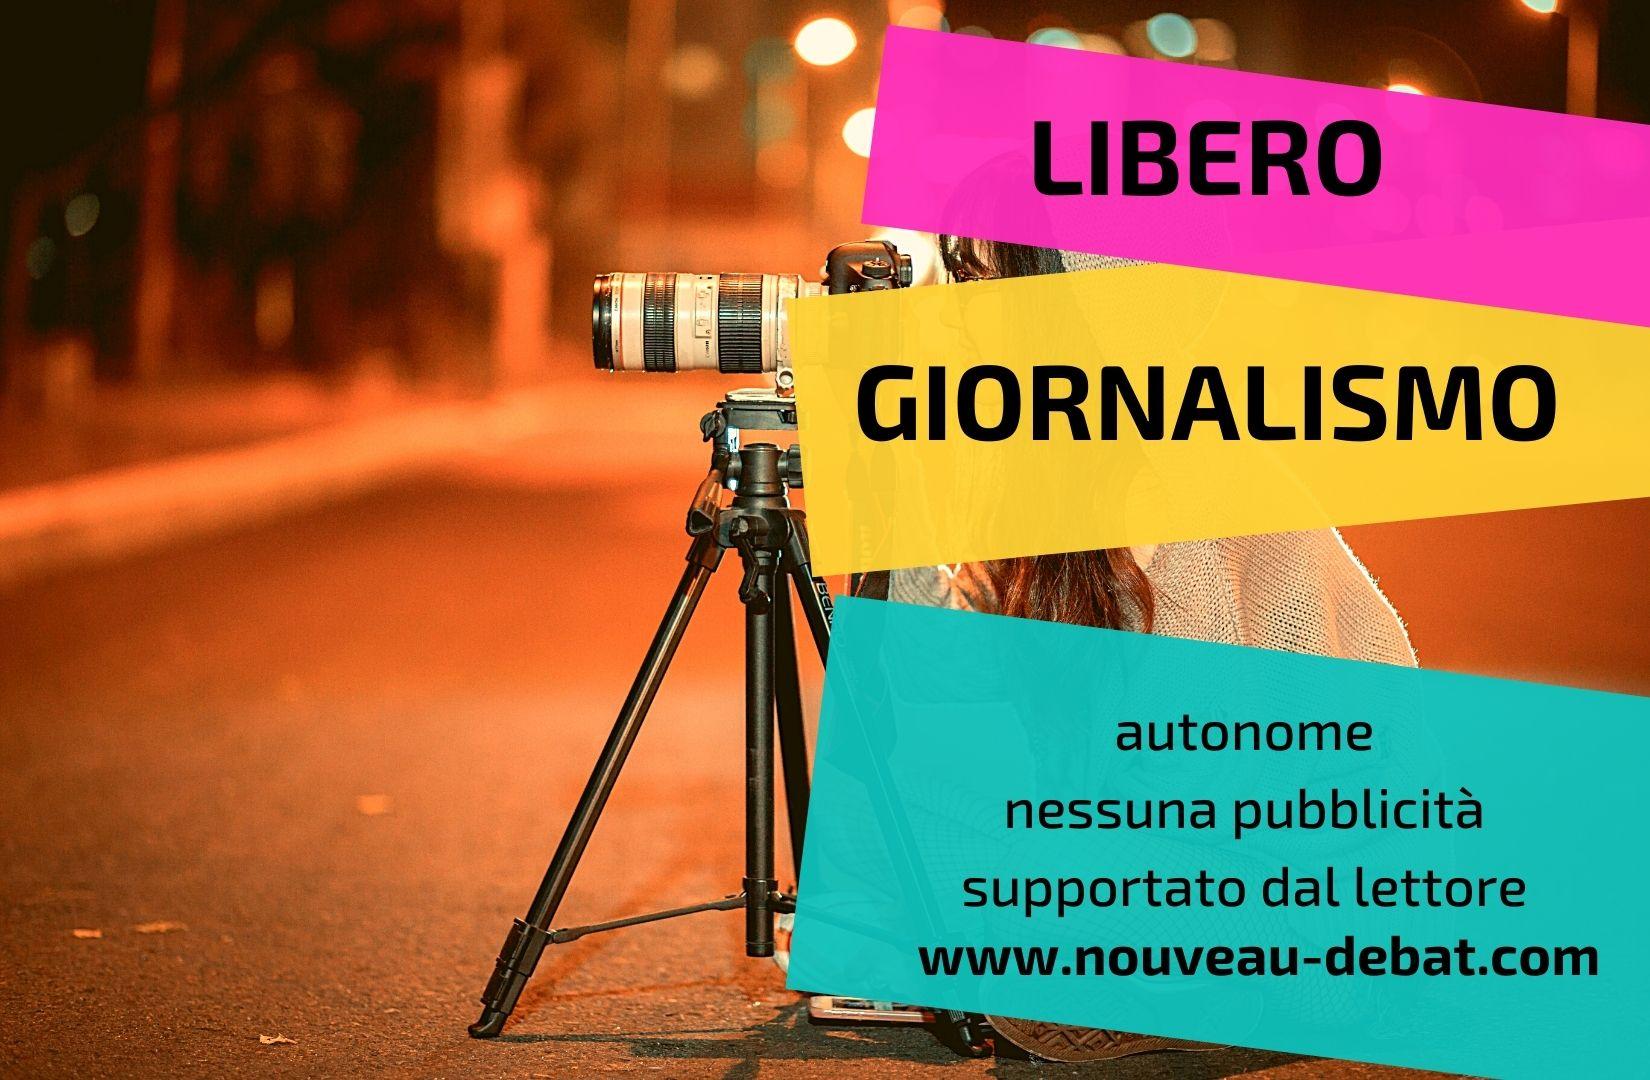 Projekt Nuovo Dibattito www.nuovo-dibattito.com